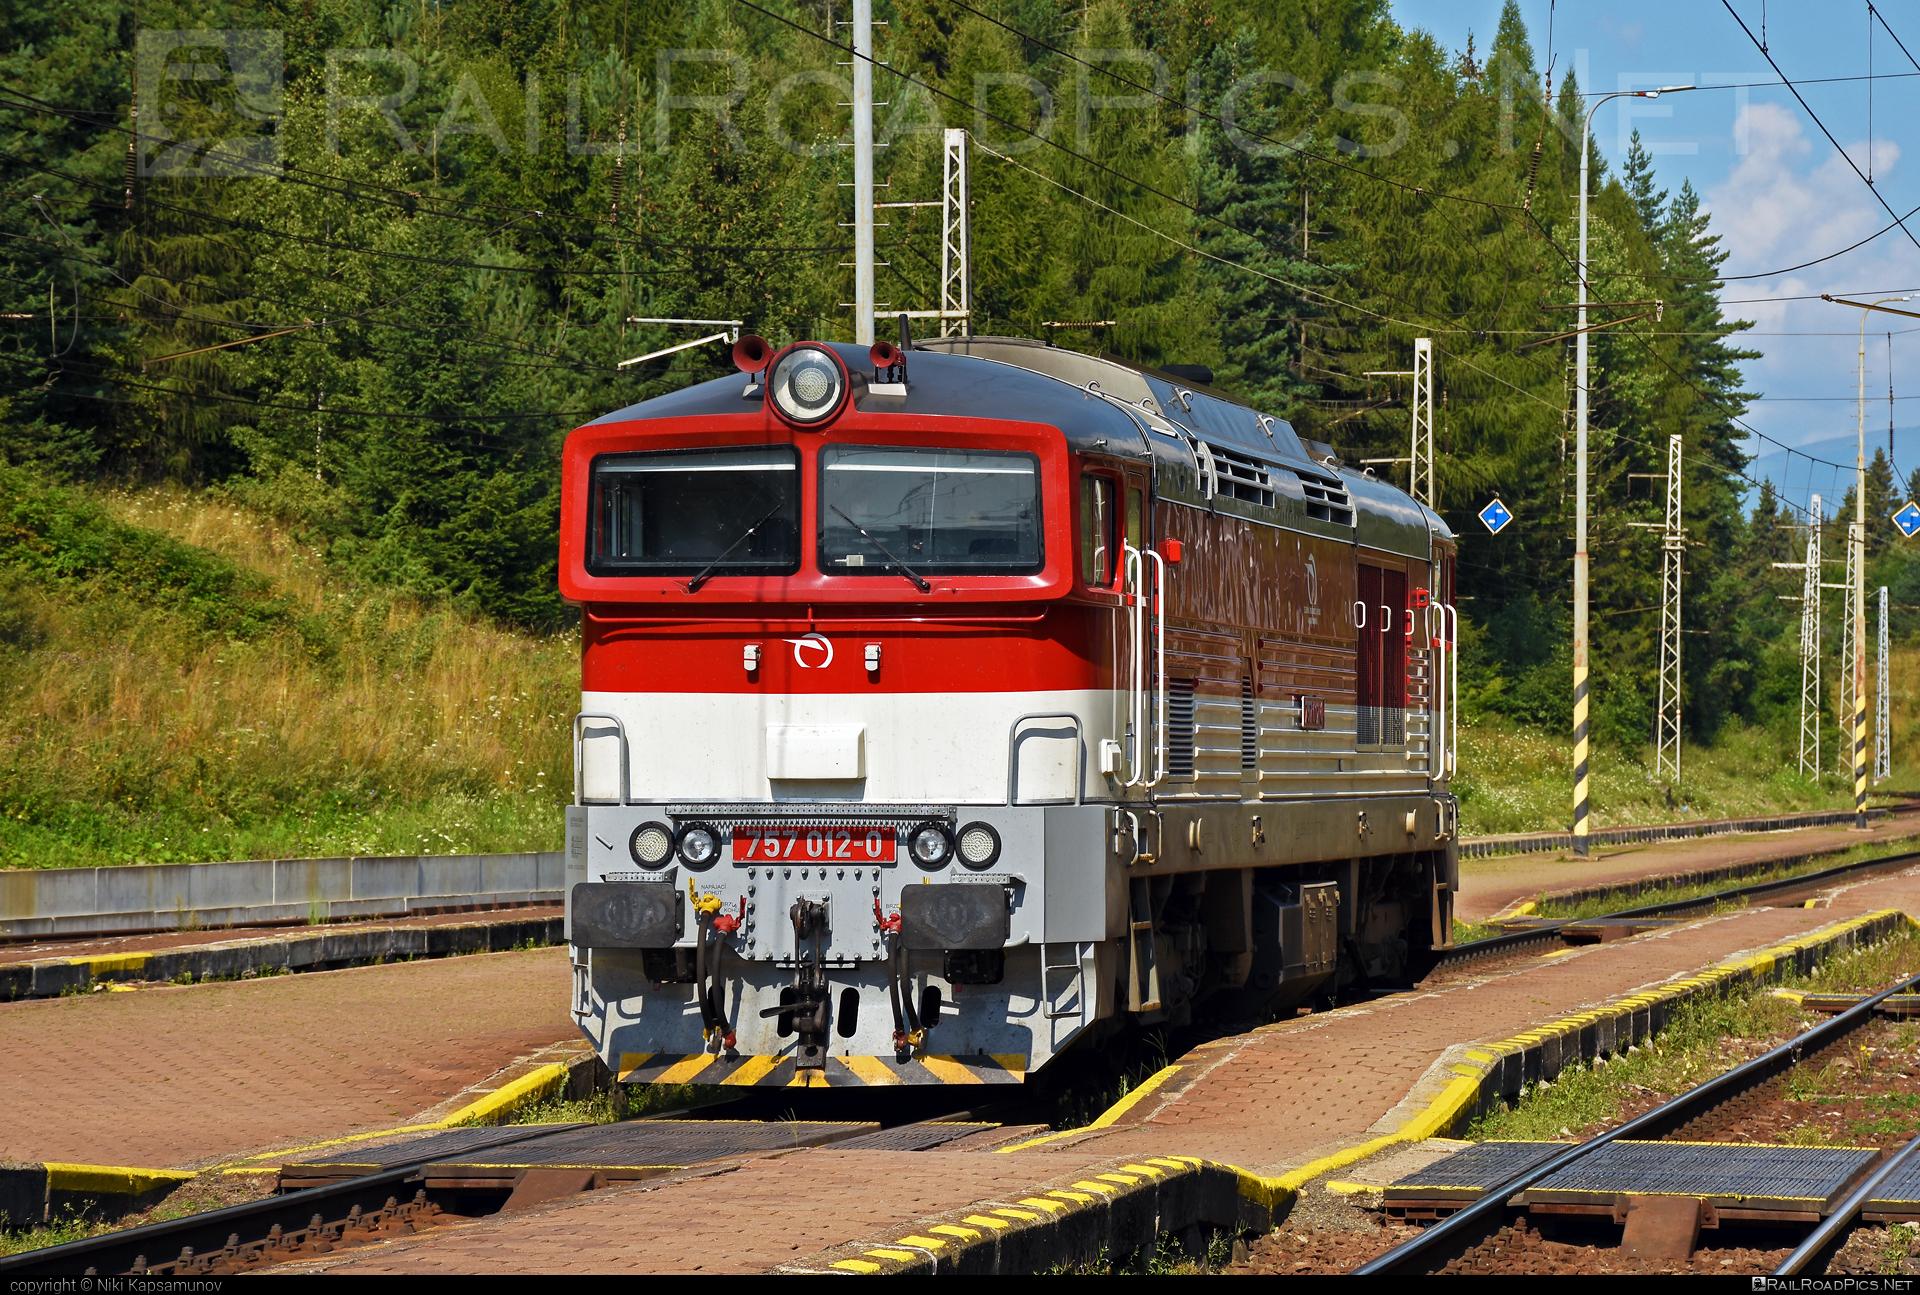 ŽOS Zvolen Class 757 - 757 012-0 operated by Železničná Spoločnost' Slovensko, a.s. #ZeleznicnaSpolocnostSlovensko #brejlovec #locomotiveclass757 #okuliarnik #zoszvolen #zssk